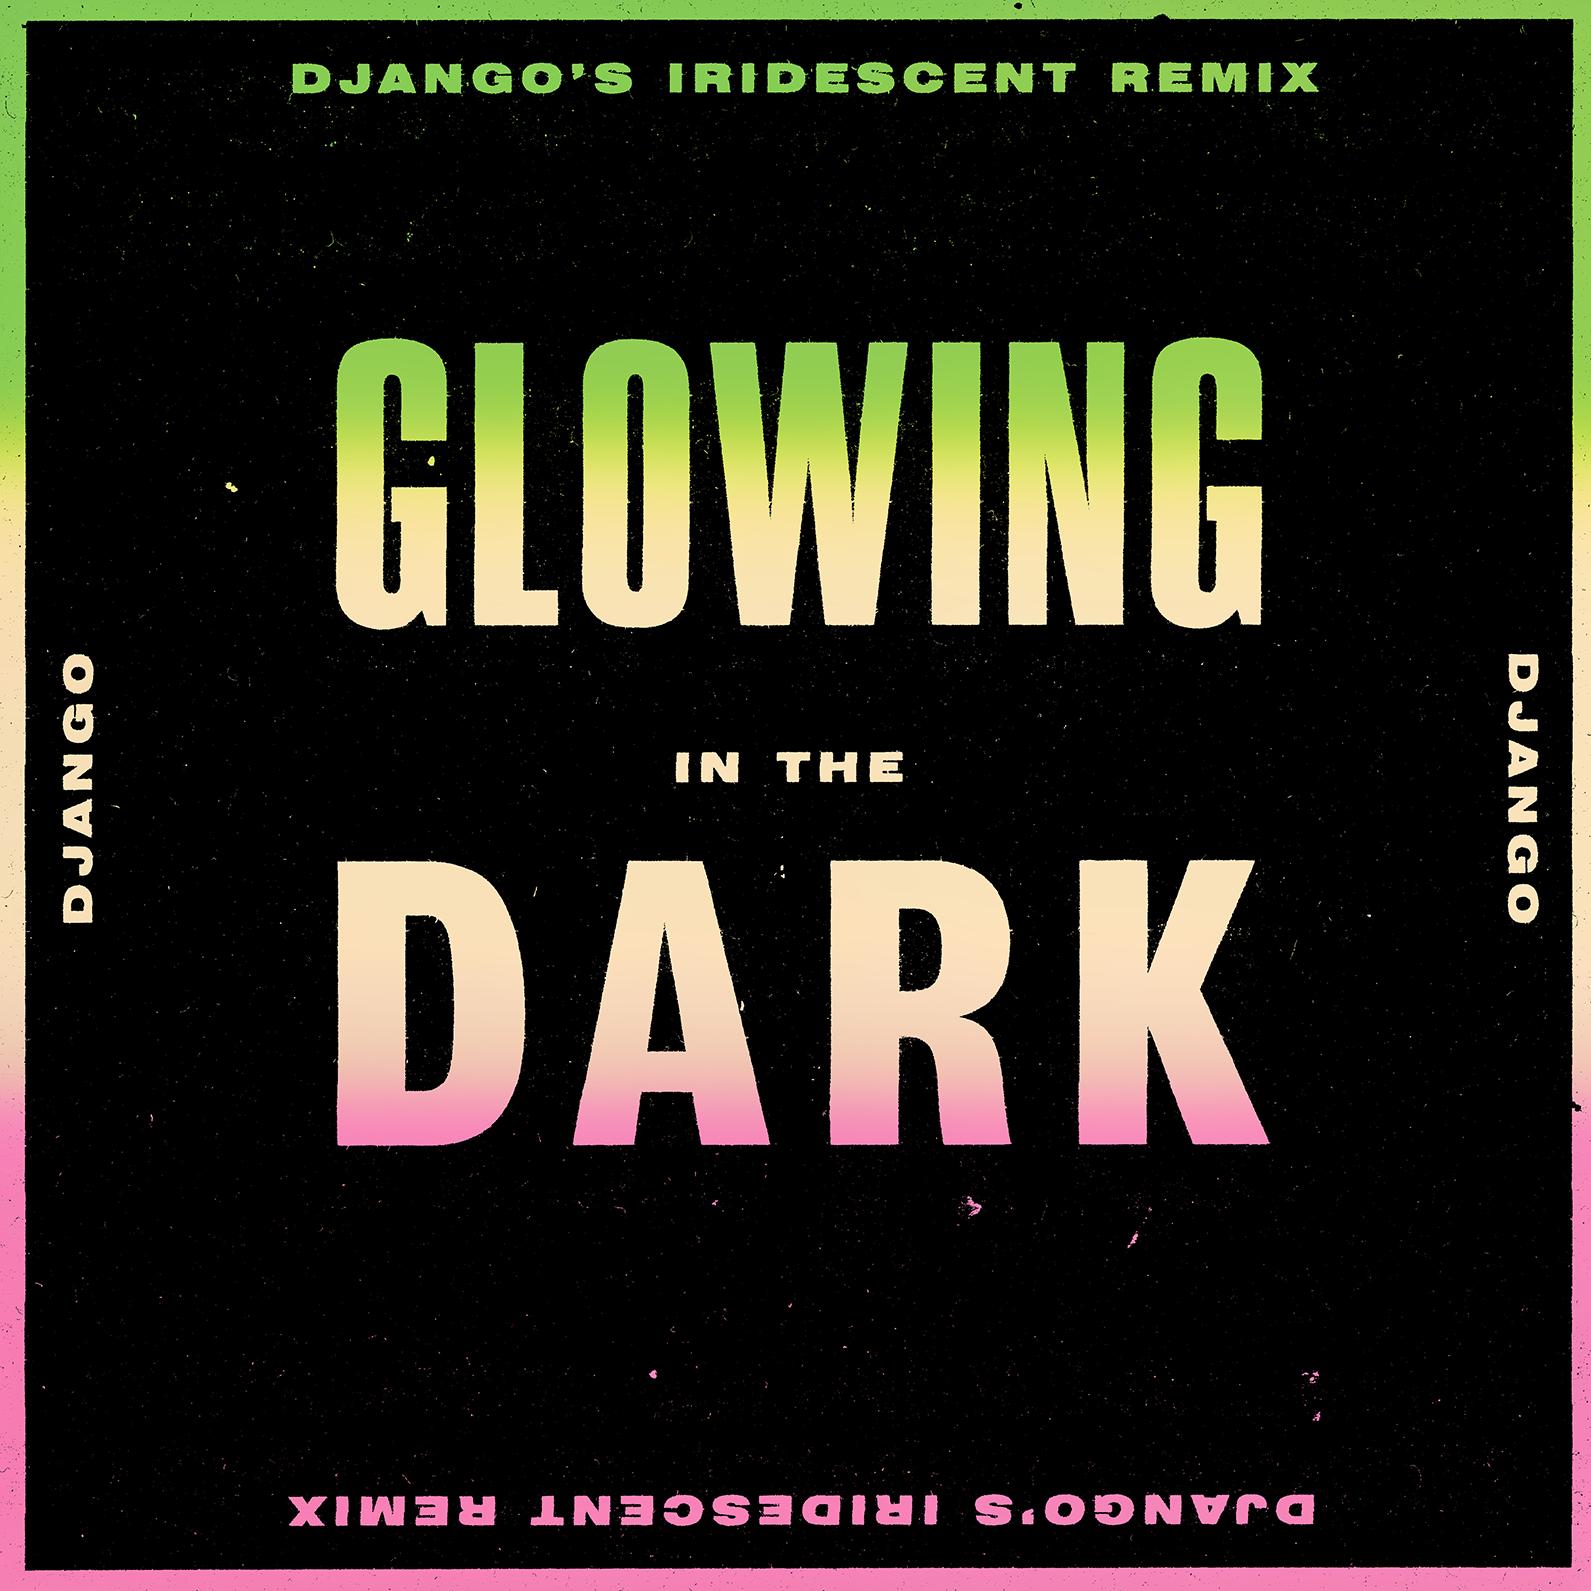 DJANGO DJANGO unveil 'Iridescent remix' of 'Glowing in the Dark' - Watch Video 1